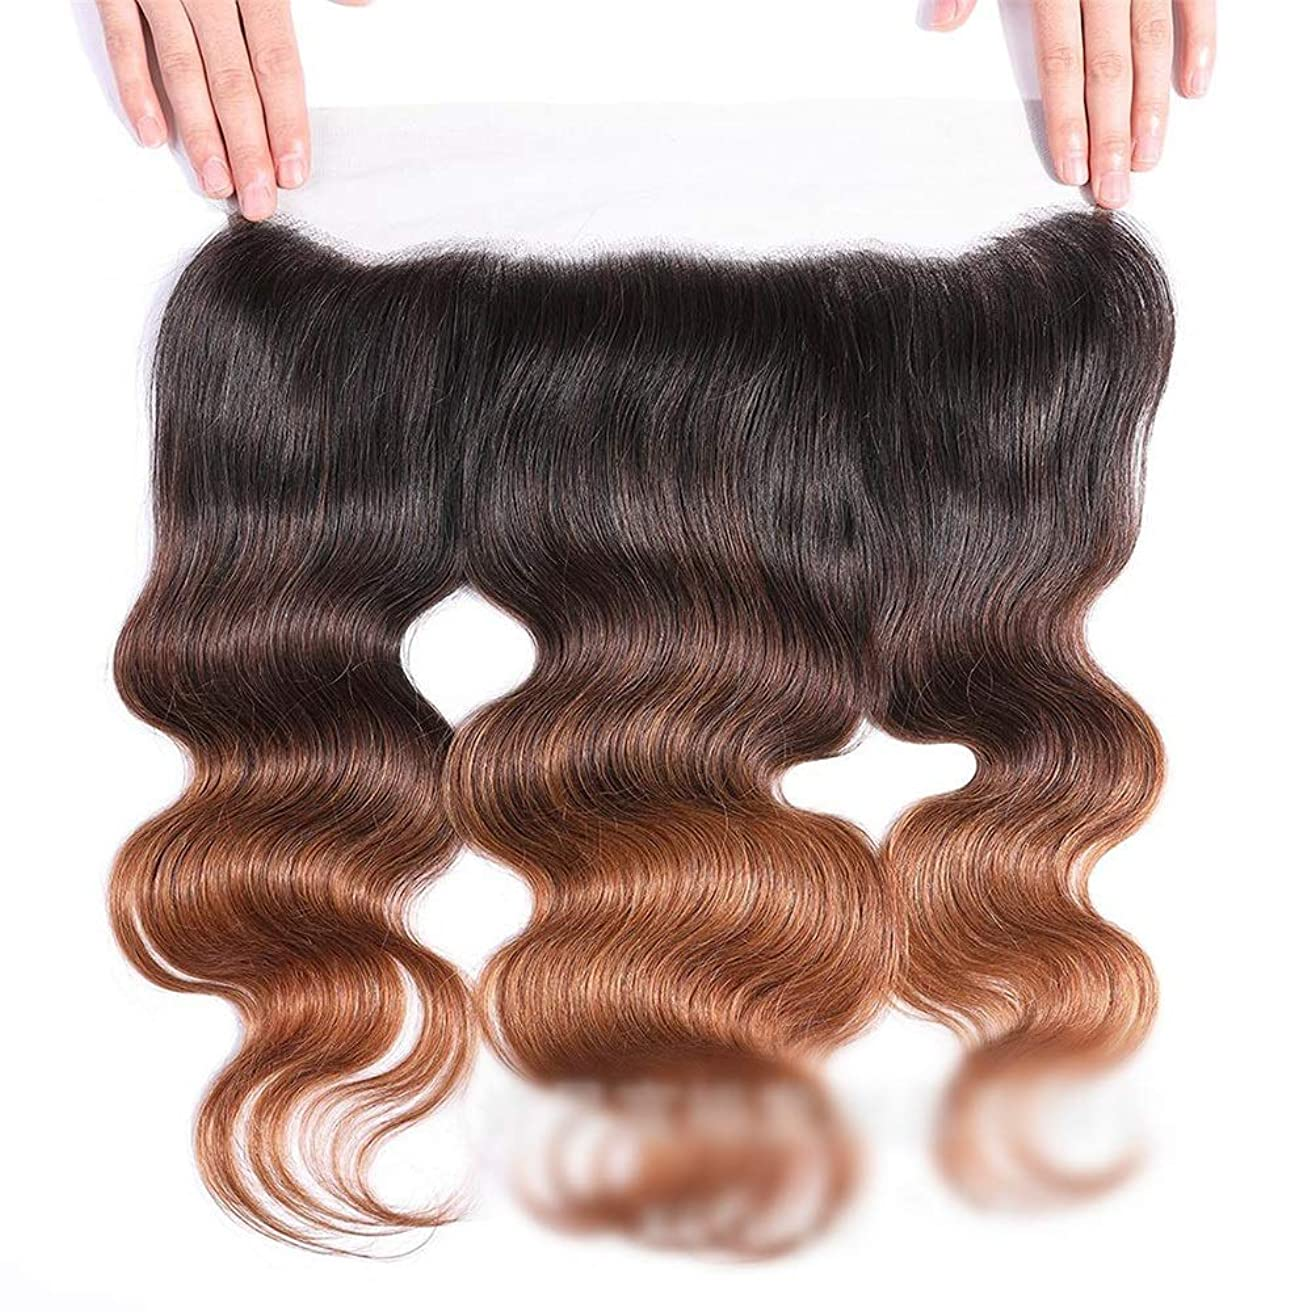 サイレン露出度の高いレザーHOHYLLYA 13x4レースの閉鎖ブラジルの実体波人間の髪の毛の自由な部分ブラウンナチュラル探して茶色のかつら長い巻き毛のかつら、 (色 : ブラウン, サイズ : 16 inch)